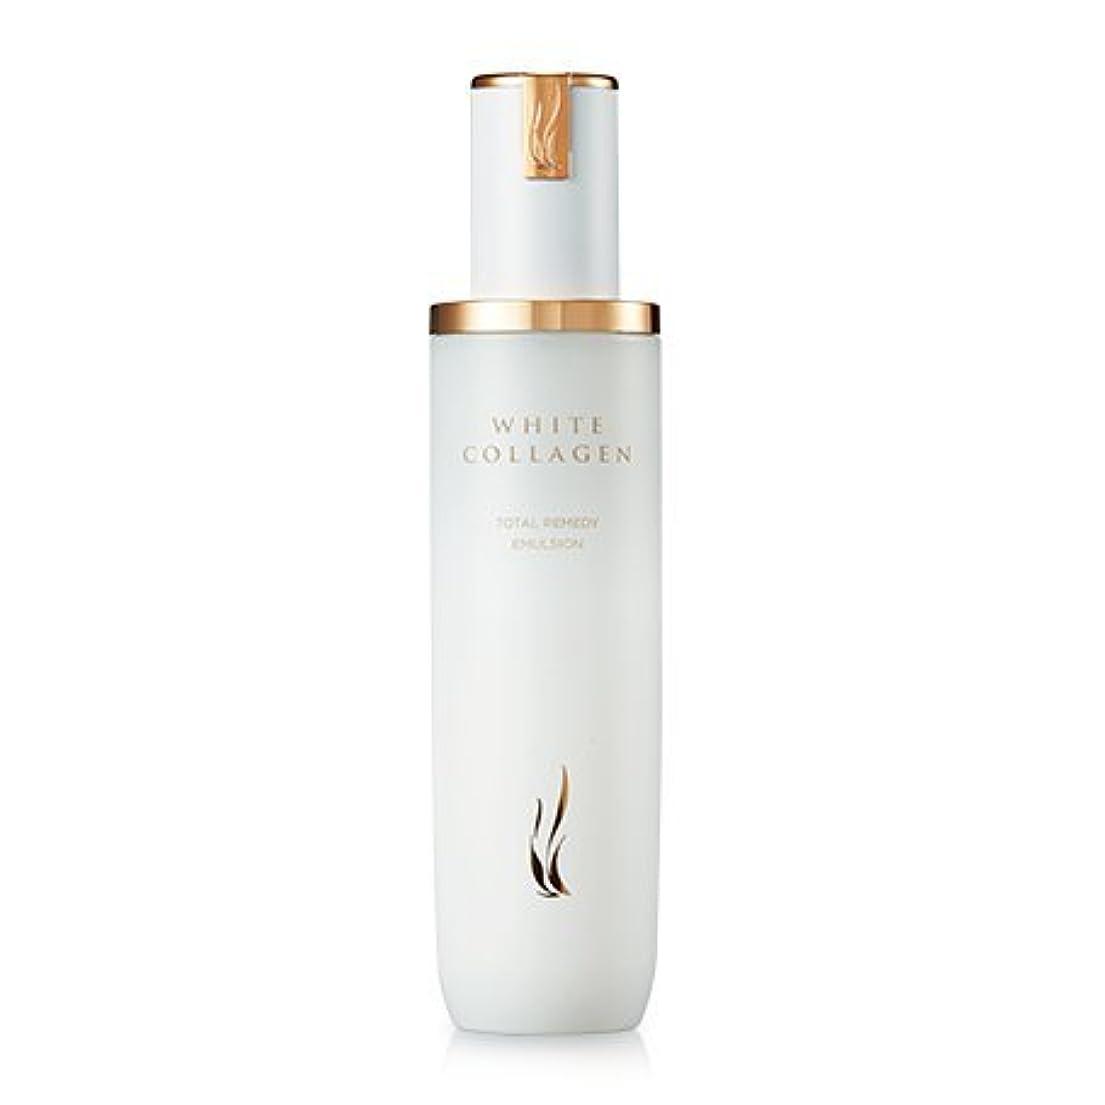 ゴシップ認めるピーク[New] A.H.C (AHC) White Collagen Total Remedy Emulsion 130ml/A.H.C ホワイト コラーゲン トータル レミディ エマルジョン 130ml [並行輸入品]